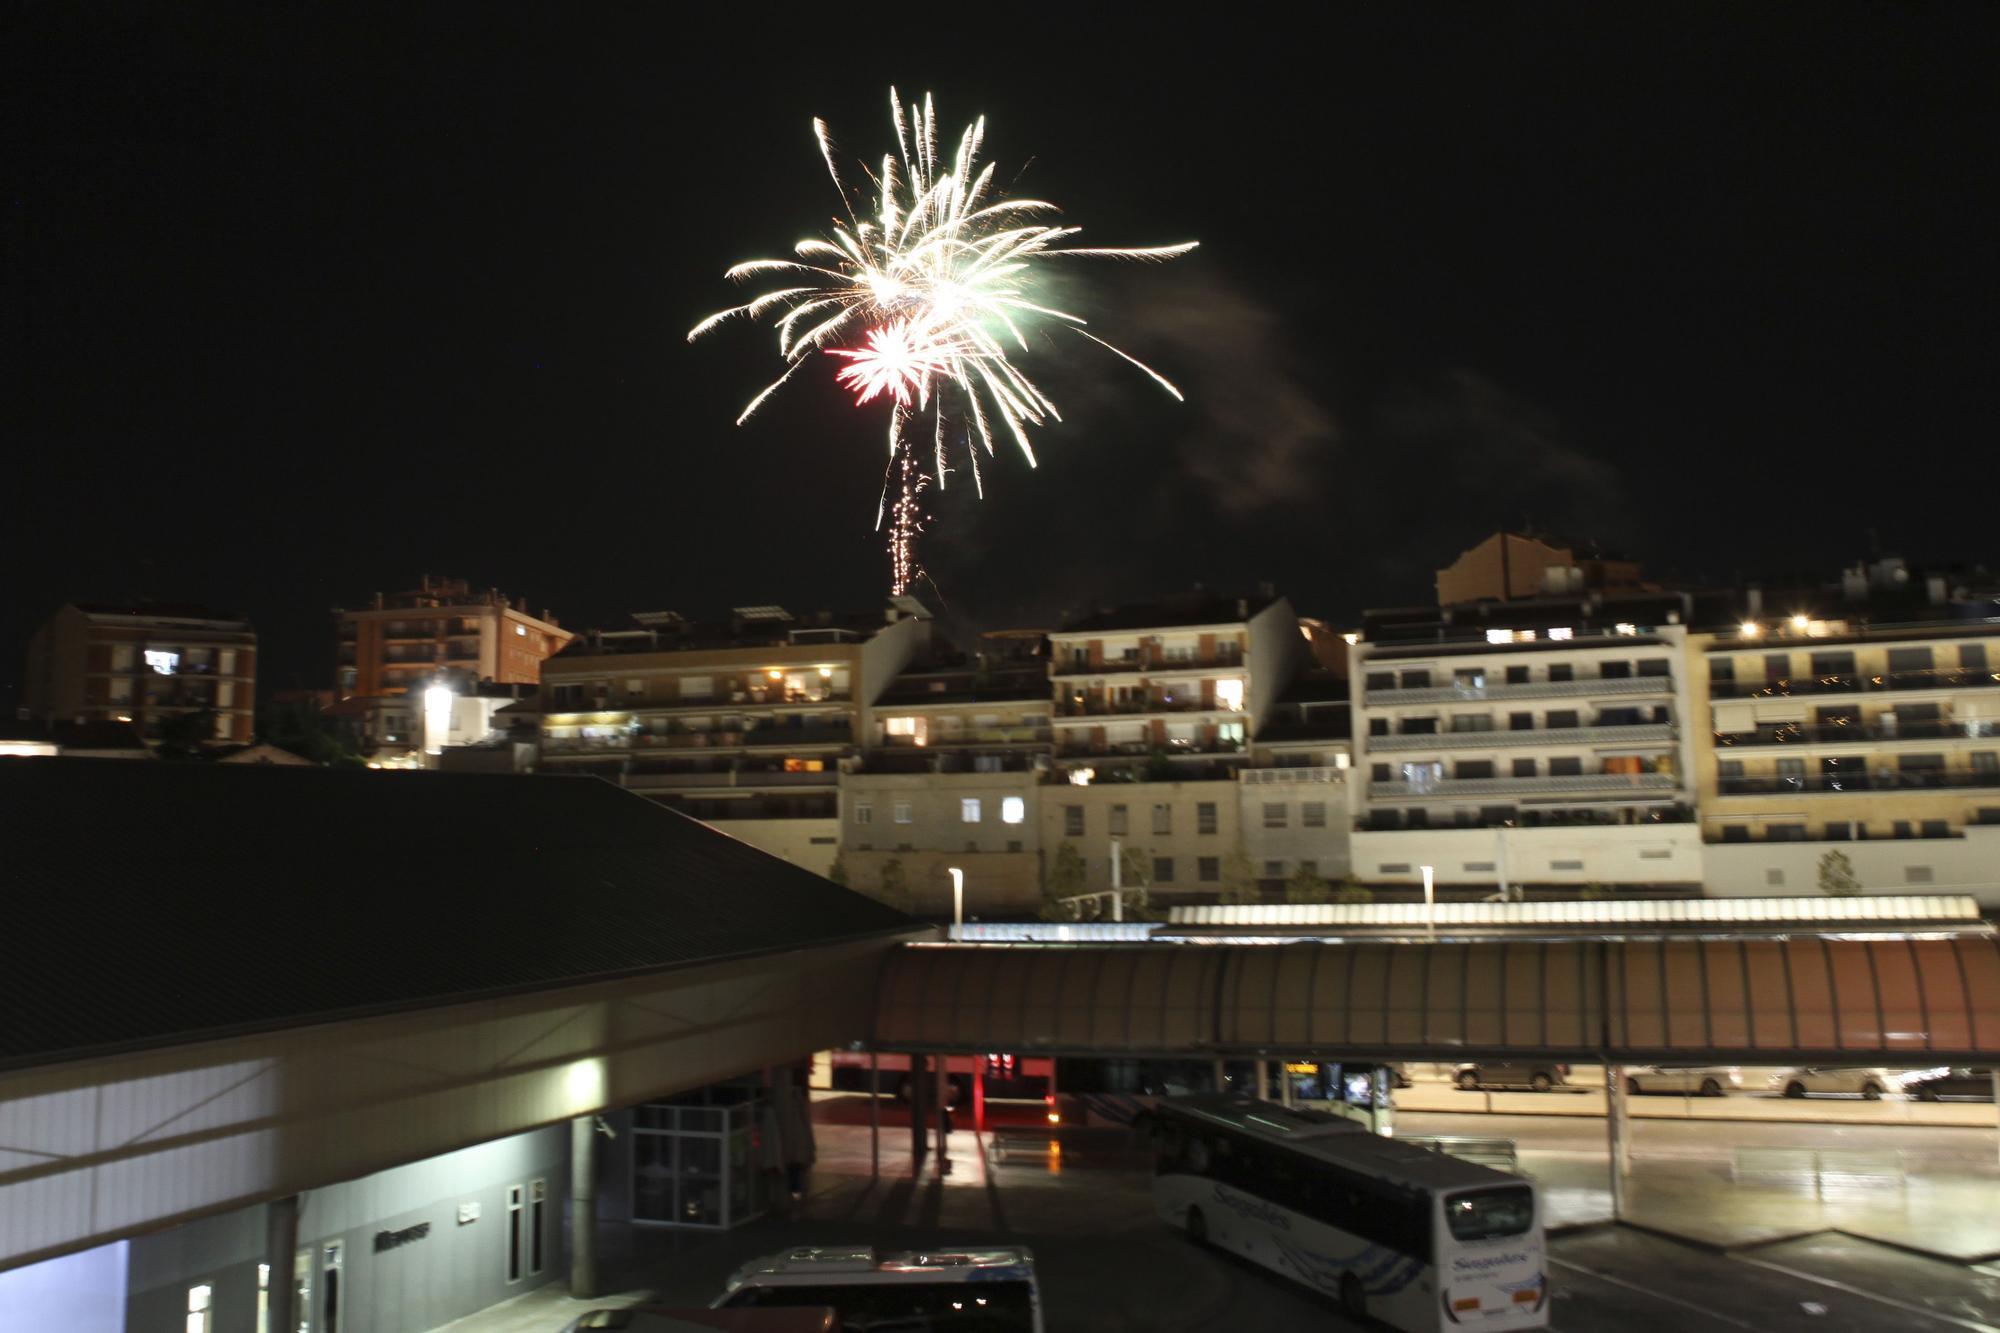 Les millors imatges del Castell de focs de la Festa Major de Manresa 2021